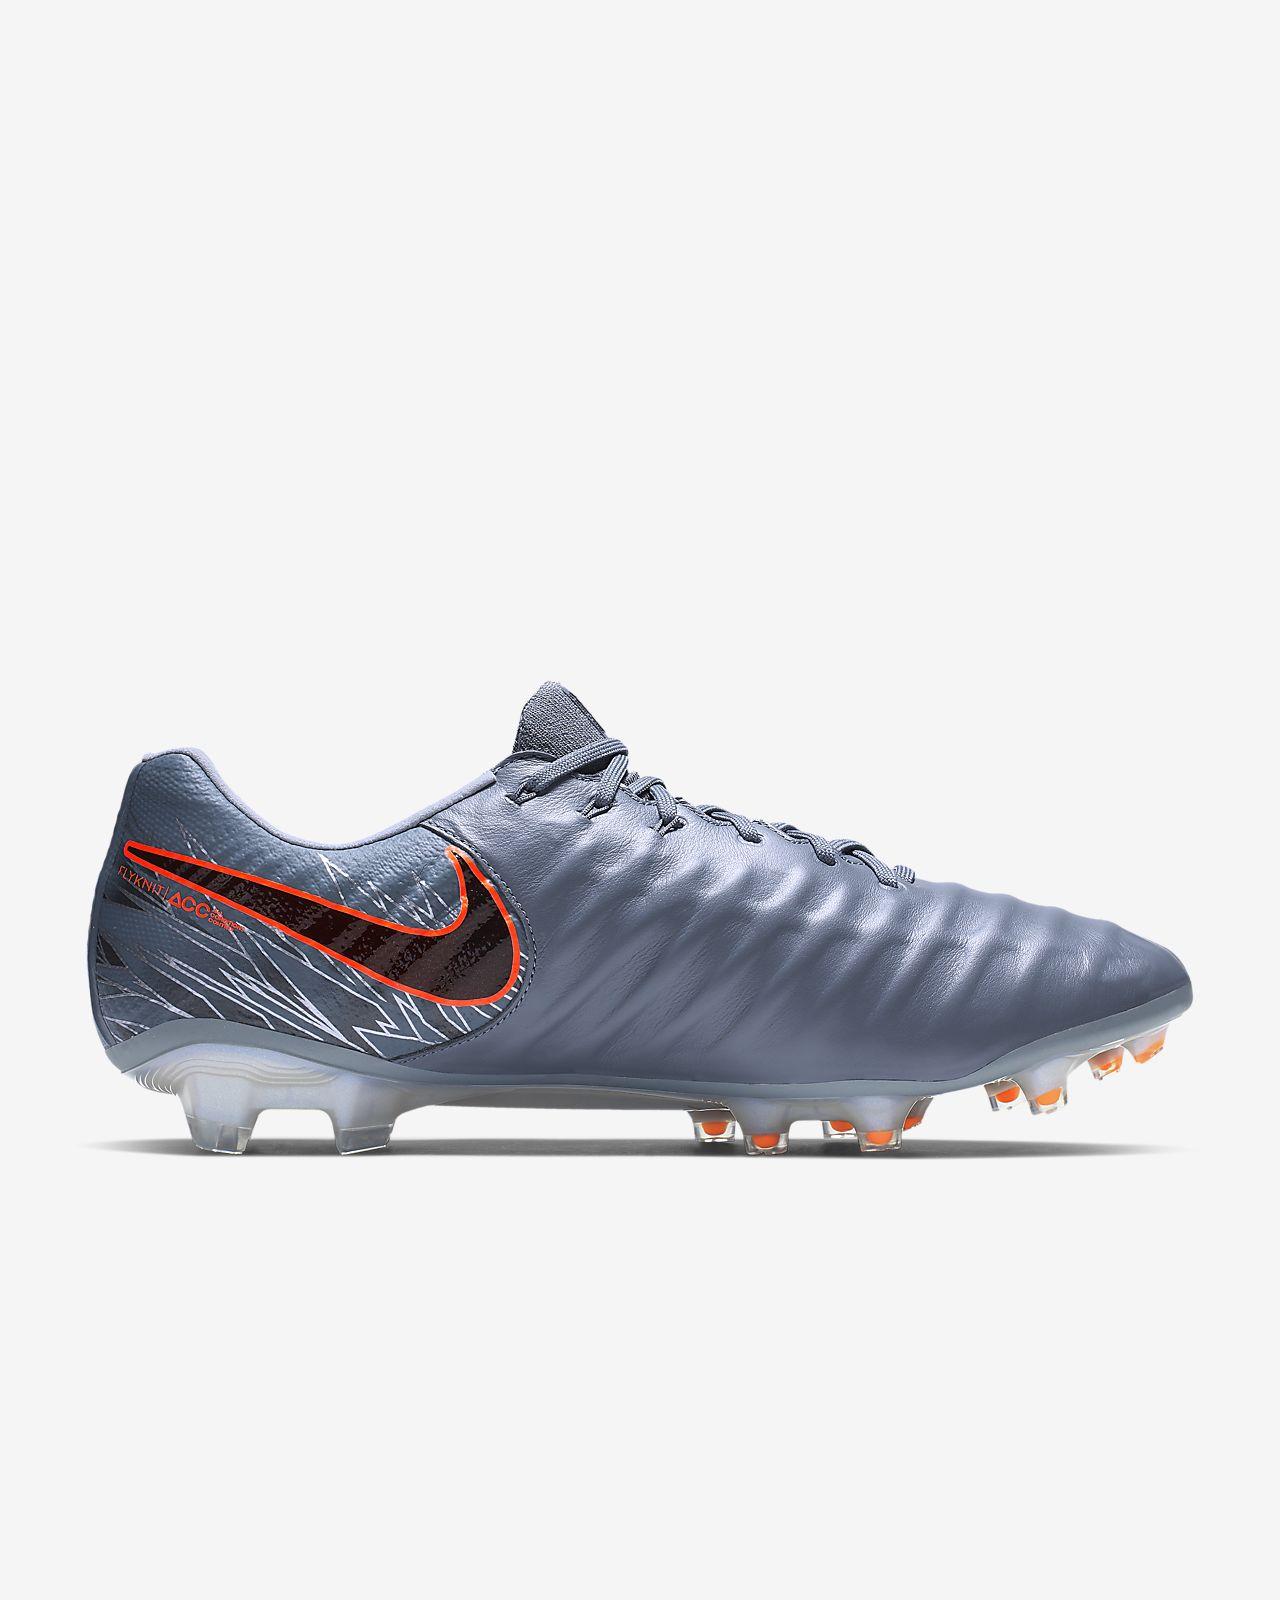 09093e52b Nike Tiempo Legend 7 Elite FG Firm-Ground Football Boot. Nike.com AU